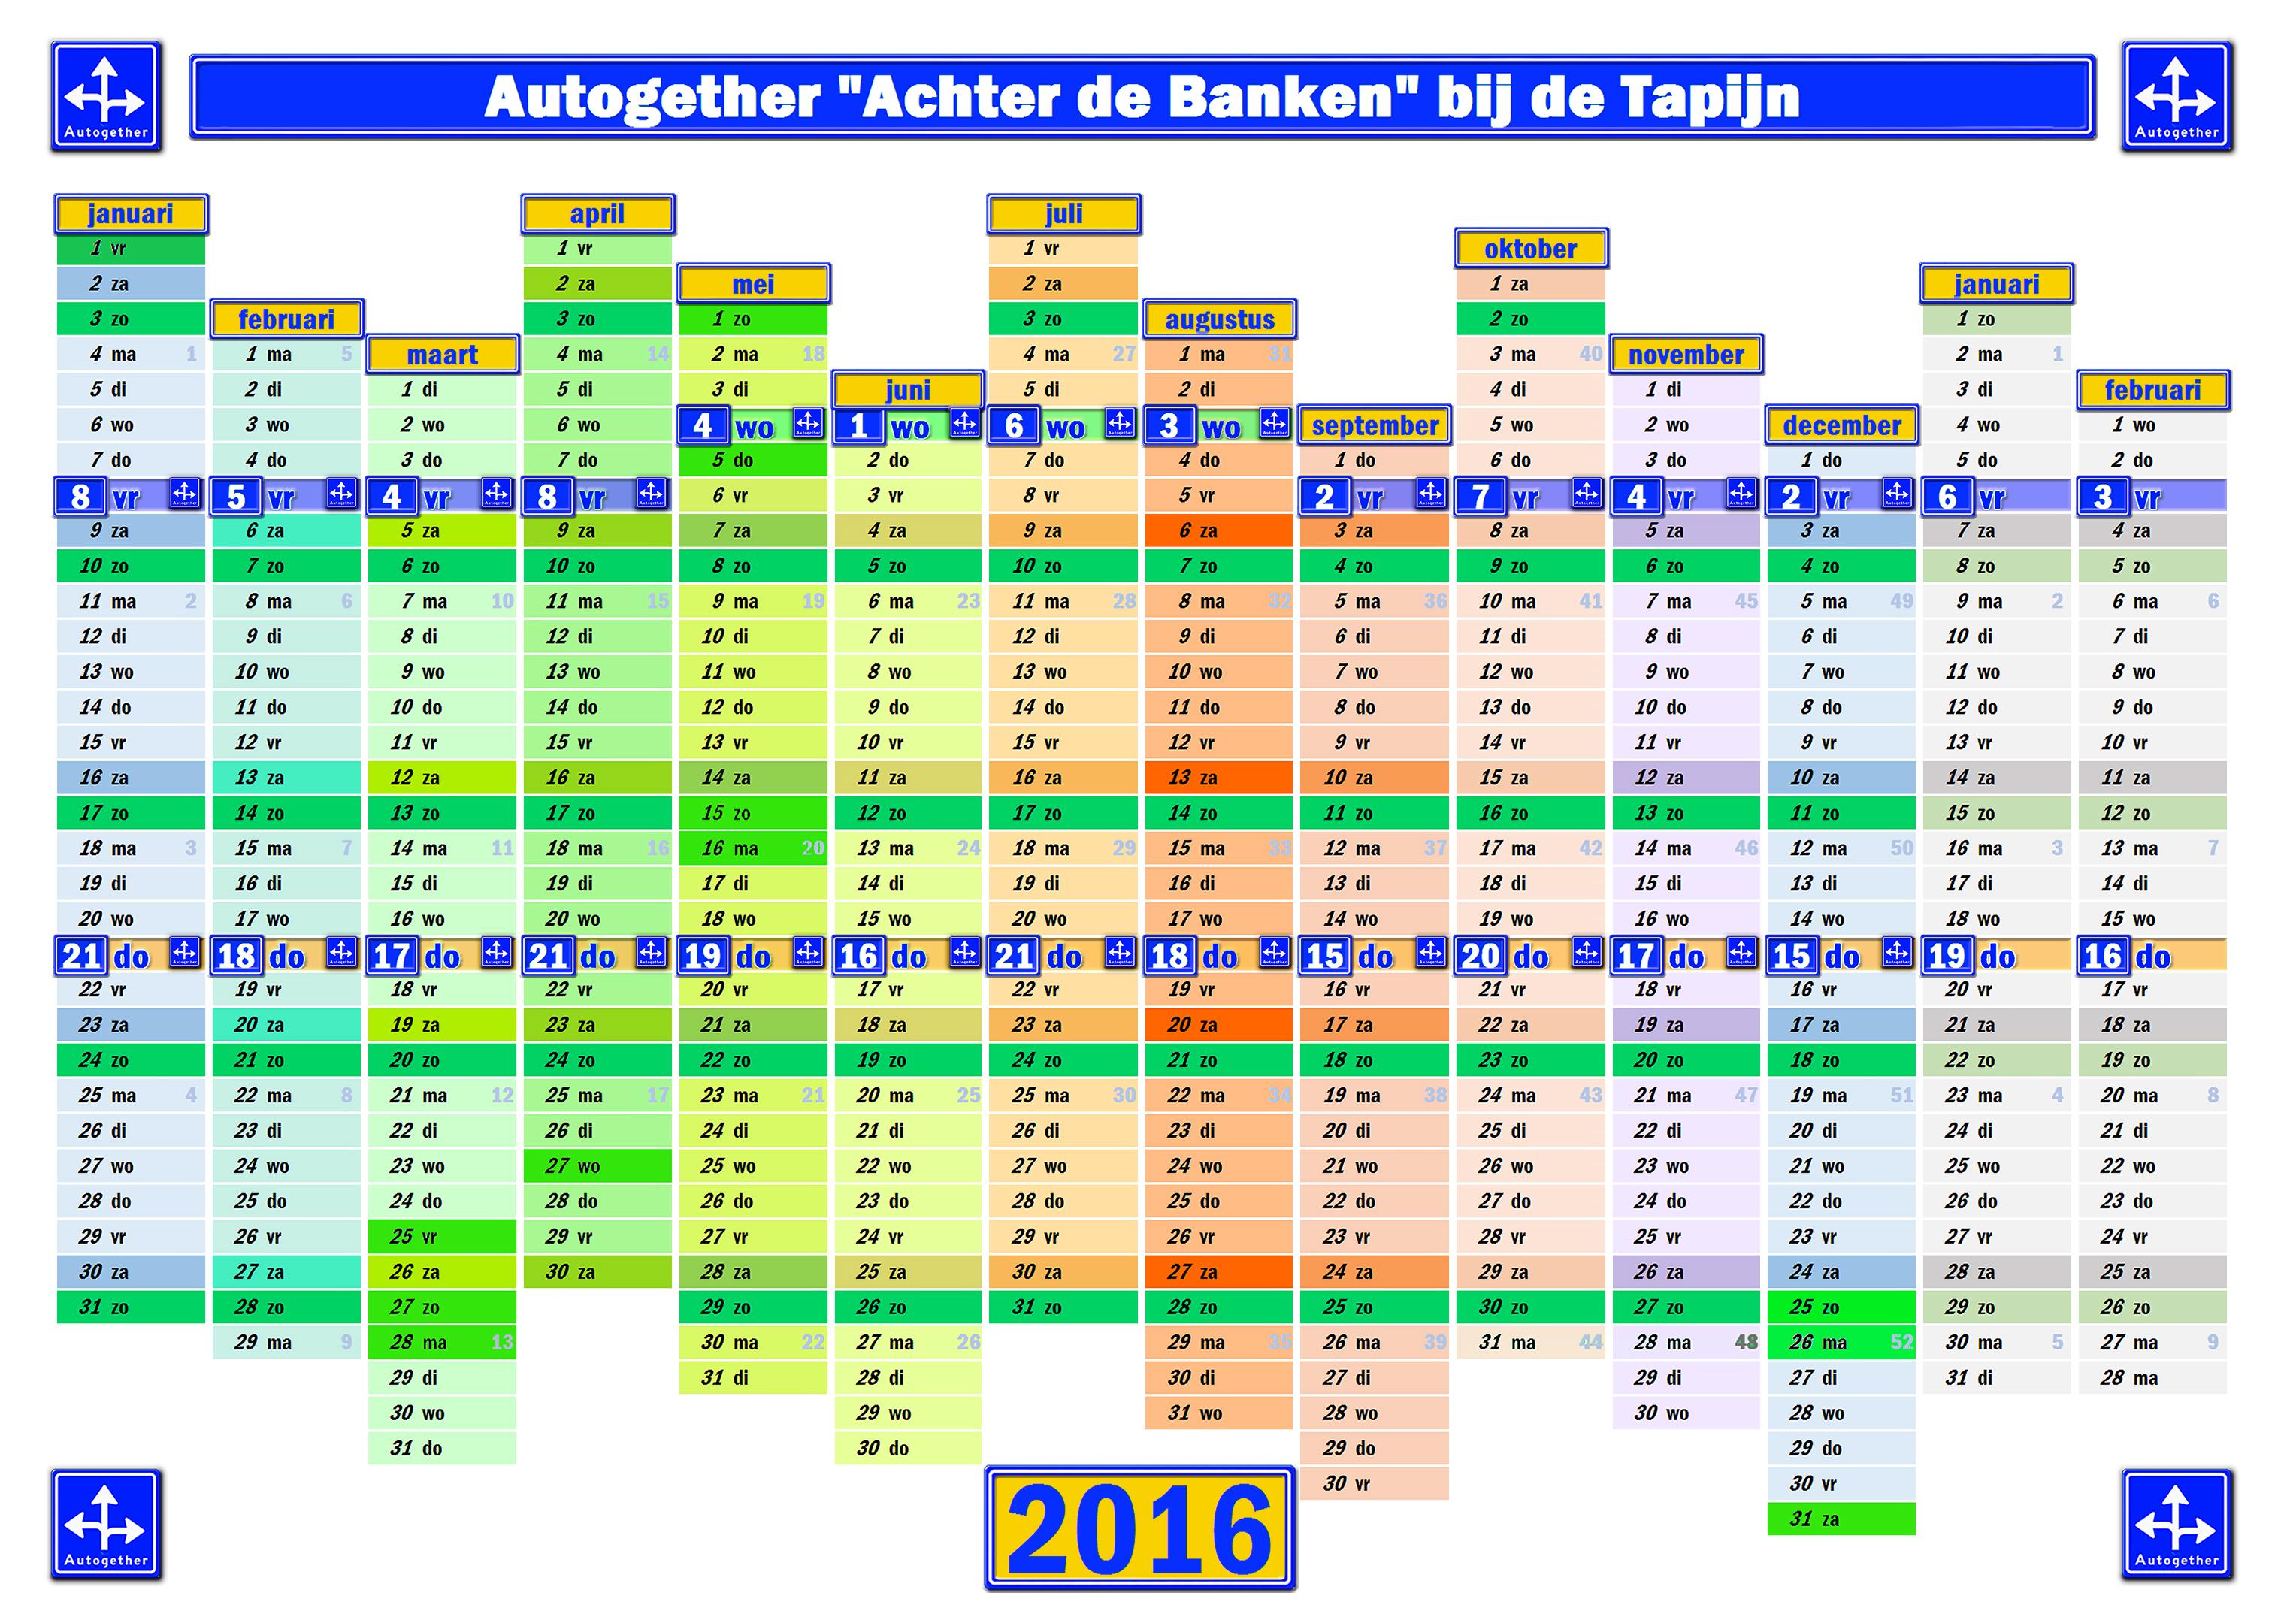 Autogether Data voor 2016 op een Kalender ingetekent